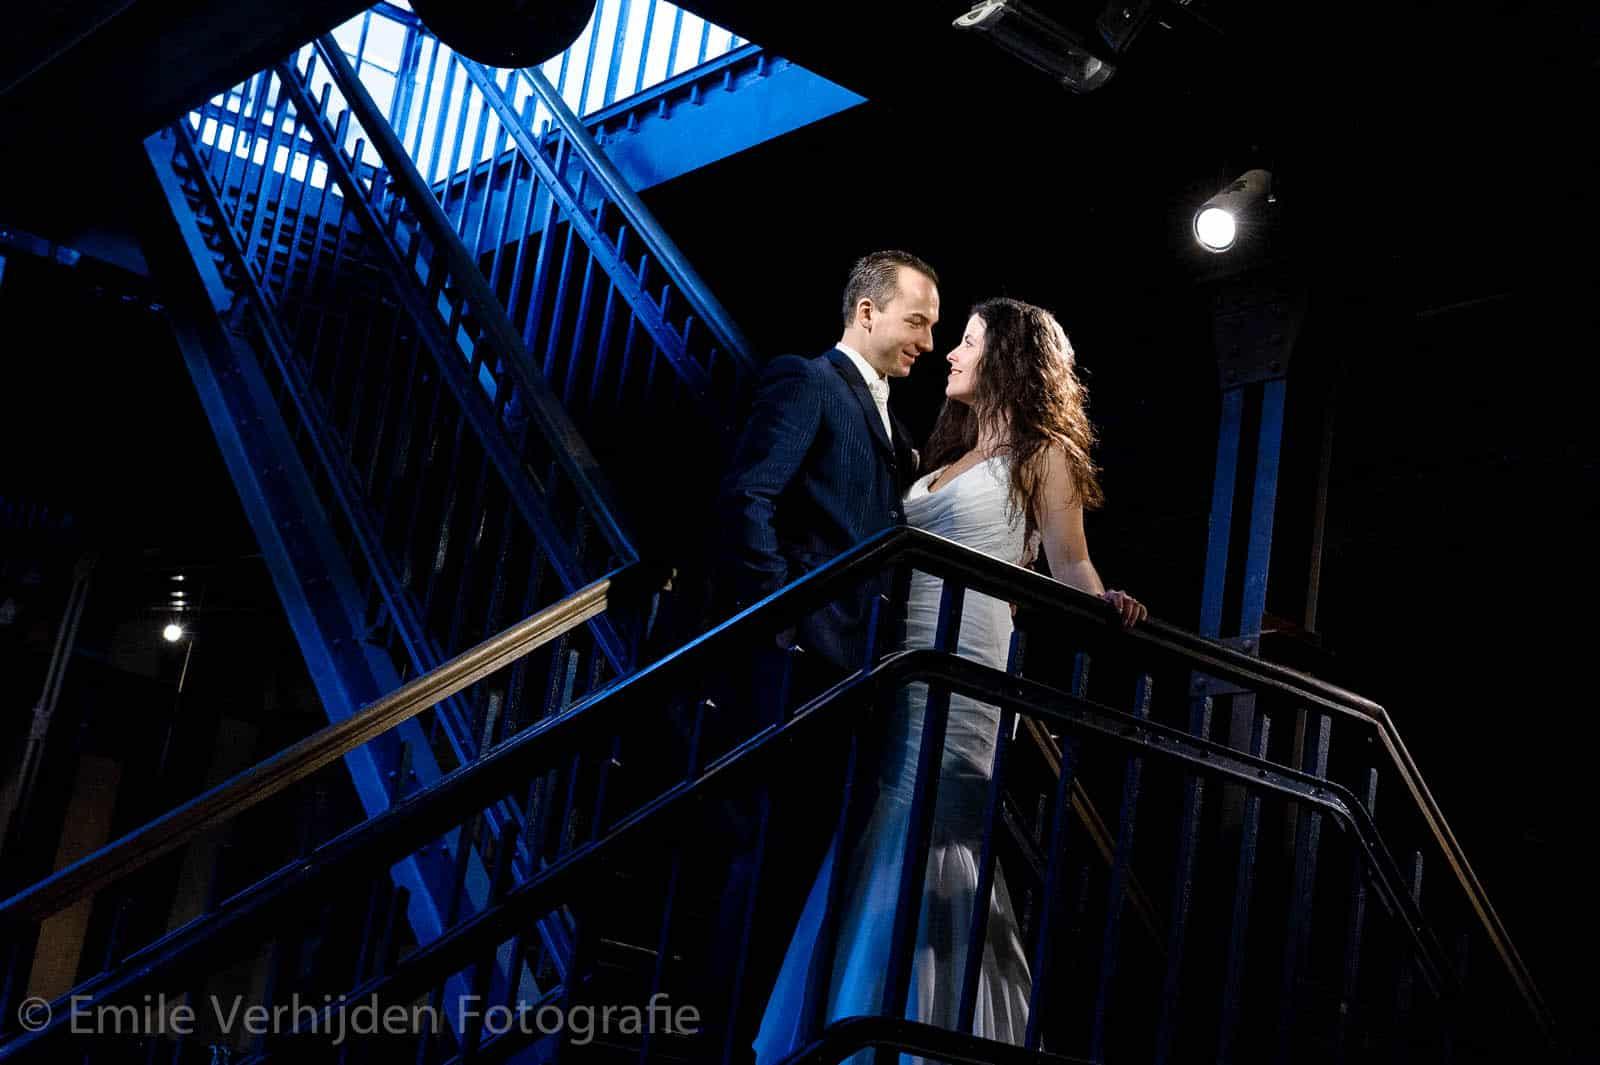 Bruidsfoto in een industriele omgeving door bruidsfotograaf Heerlen Emile Verhijden